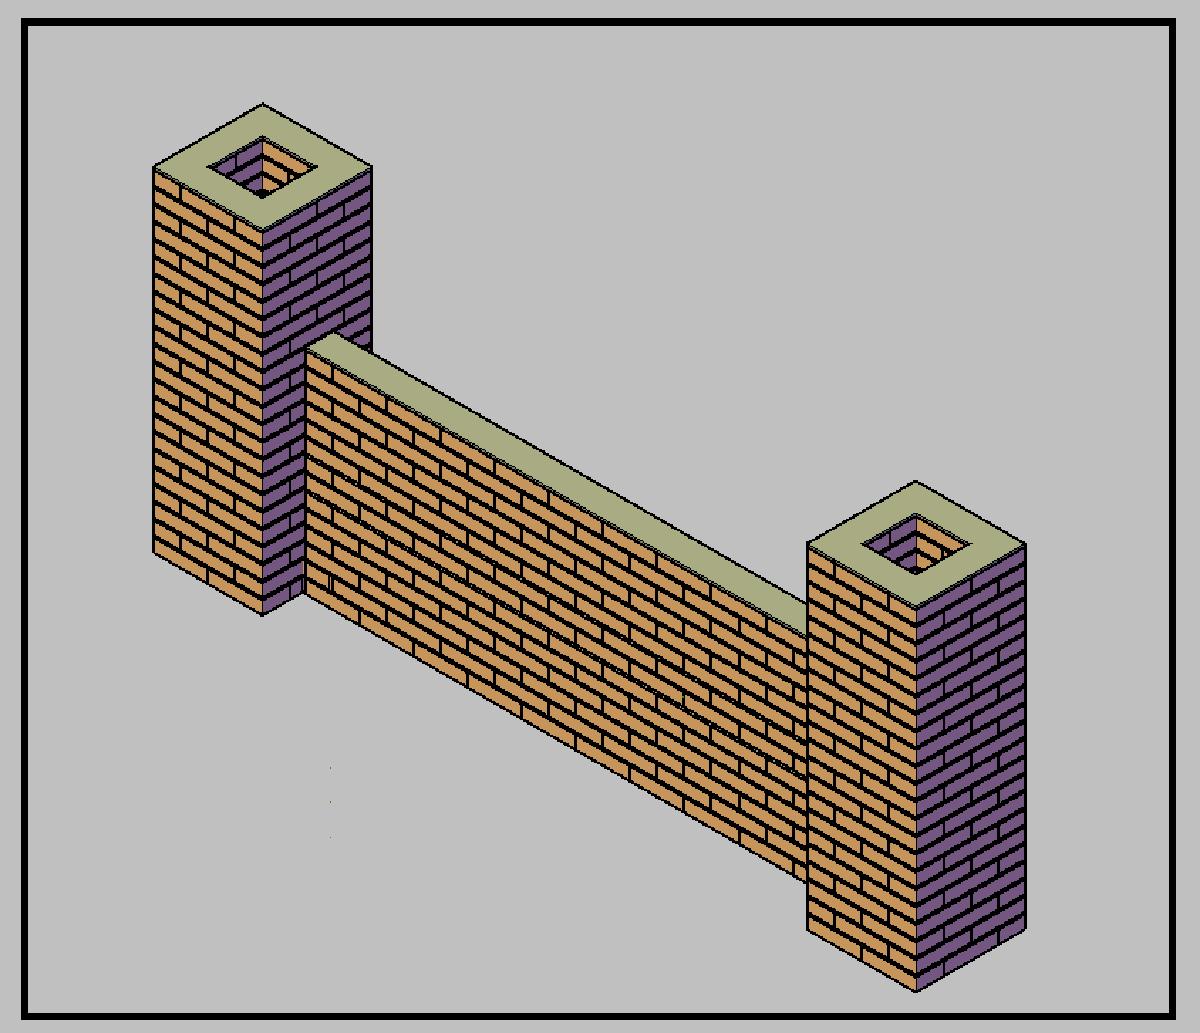 Mattoni Forati Per Recinzioni Giardino.Una Recinzione In Pilastri E Muretti In Mattoni A Faccia Vista